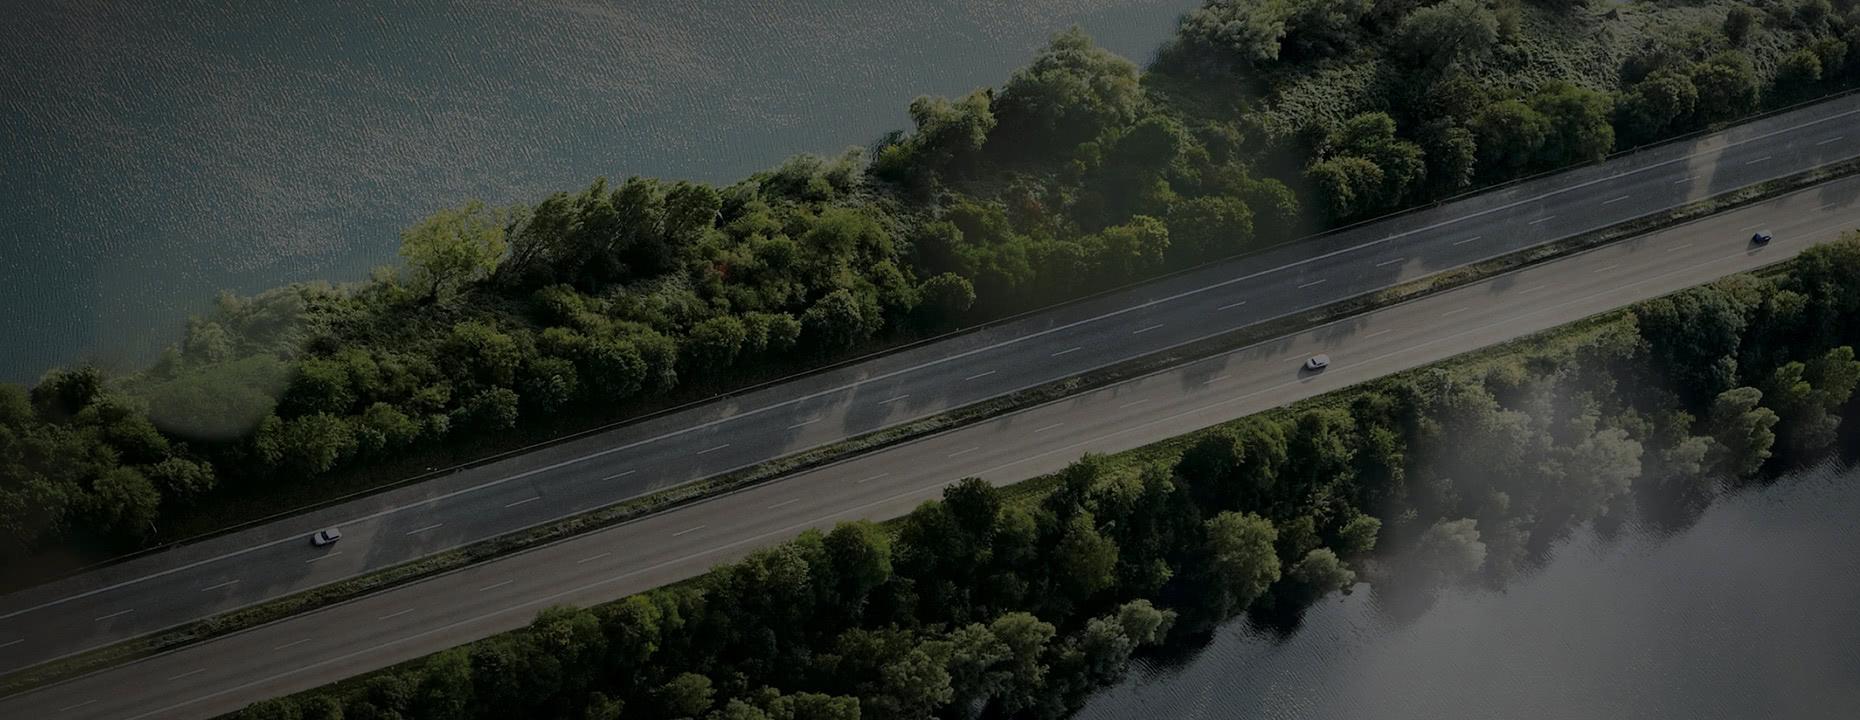 Hyundai Motor та Ionic Materials розроблять новий тип батарей для електромобілів | Автотрейдінг-Харків - фото 7